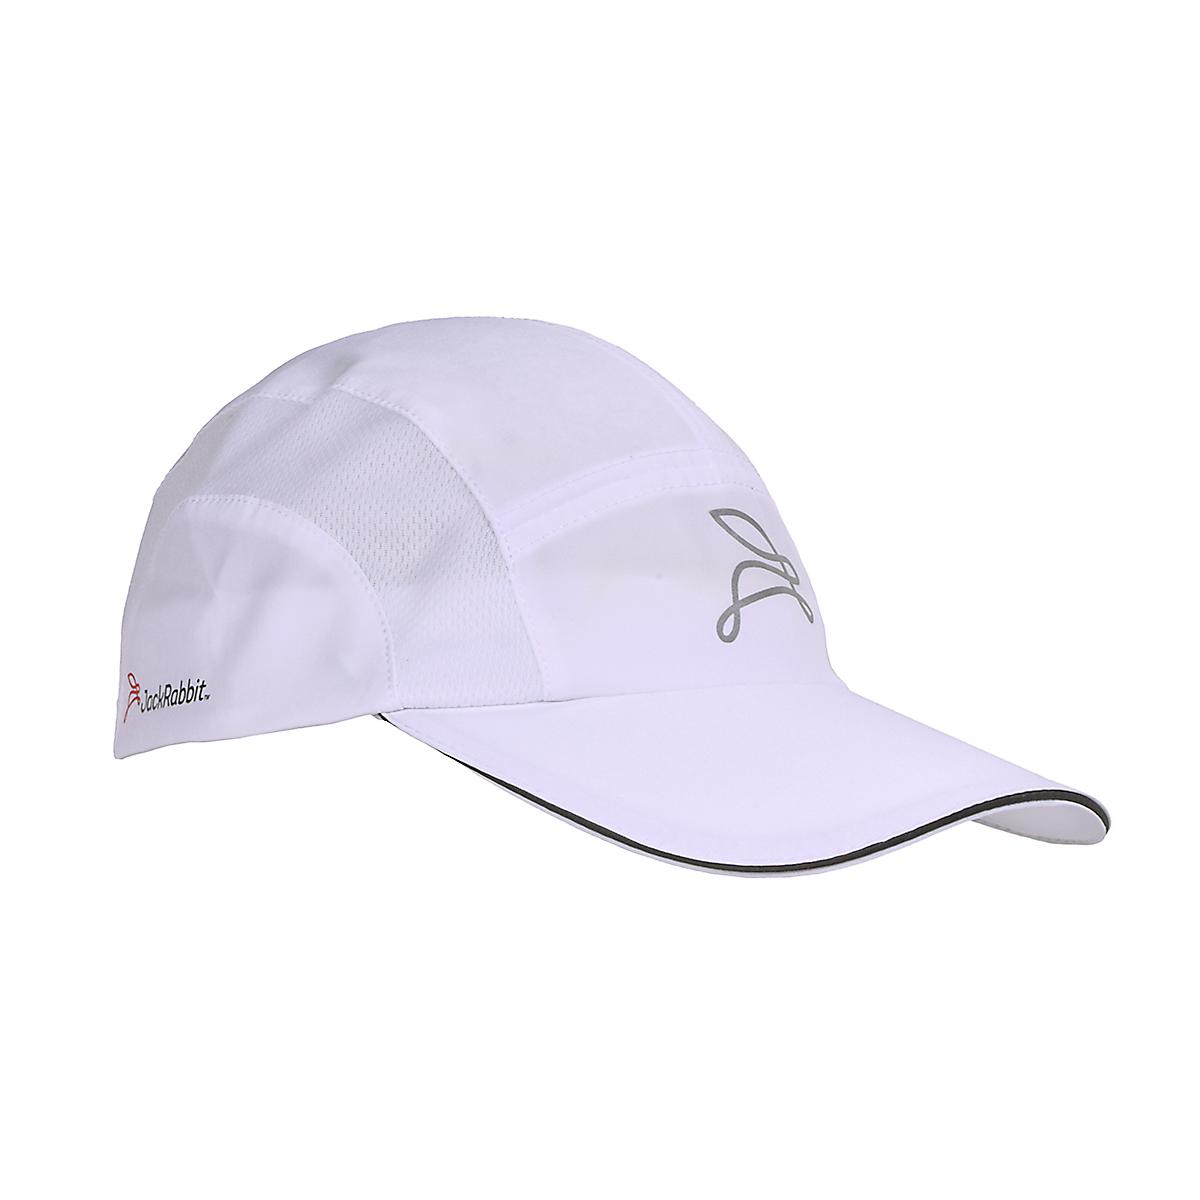 JackRabbit Run Hat - Color: White - Size: One Size, White, large, image 3